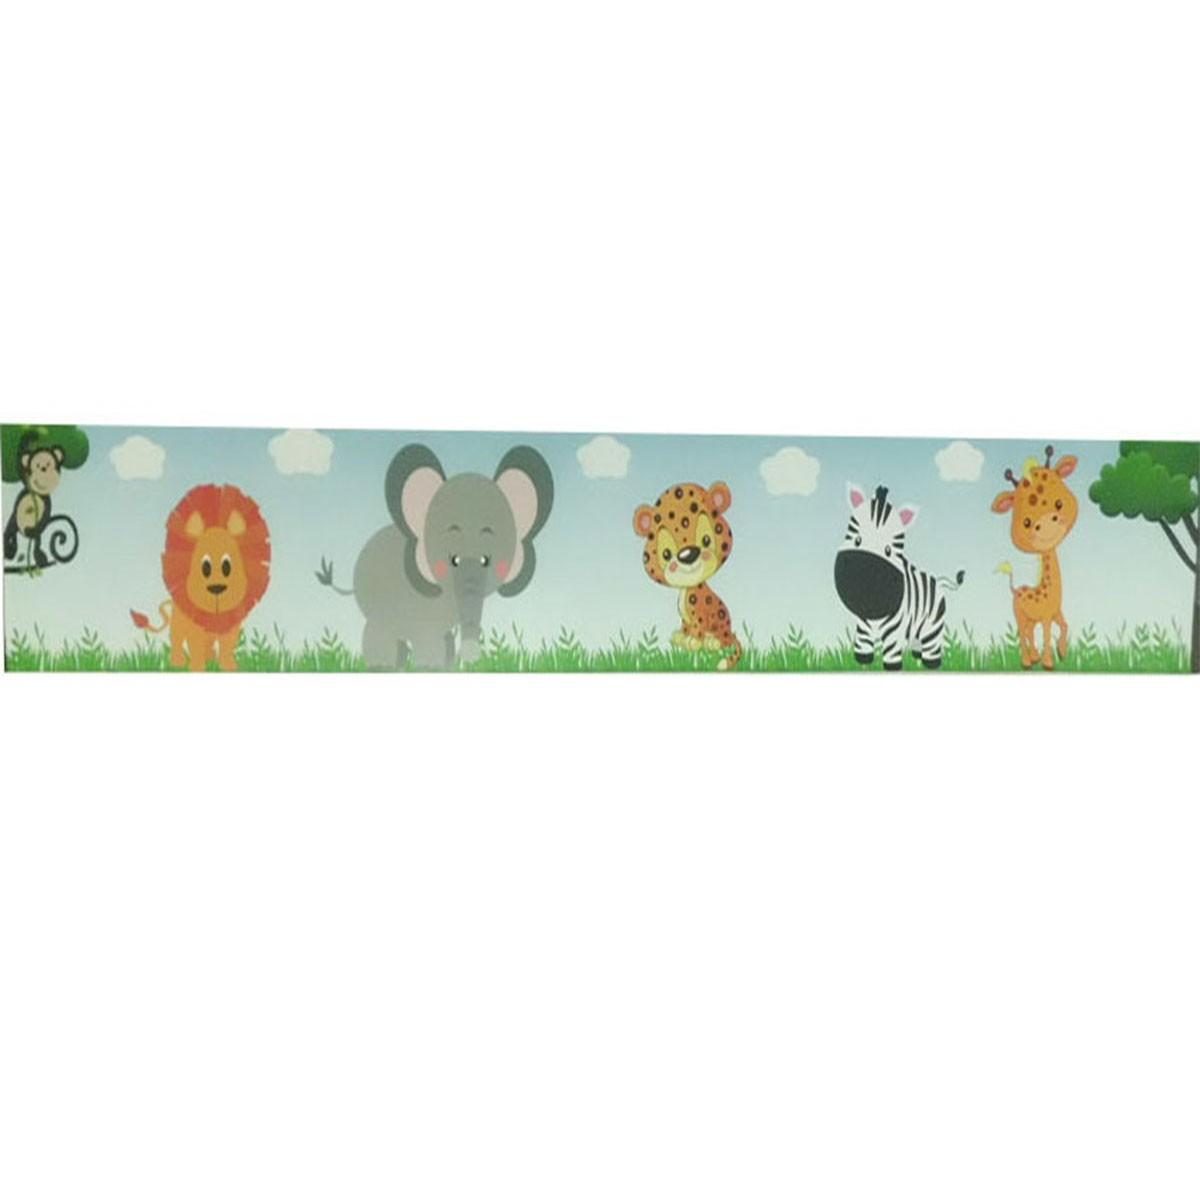 Adesivo de Parede Faixa Decorativa Kit com 6 Para Quarto Infantil Safari